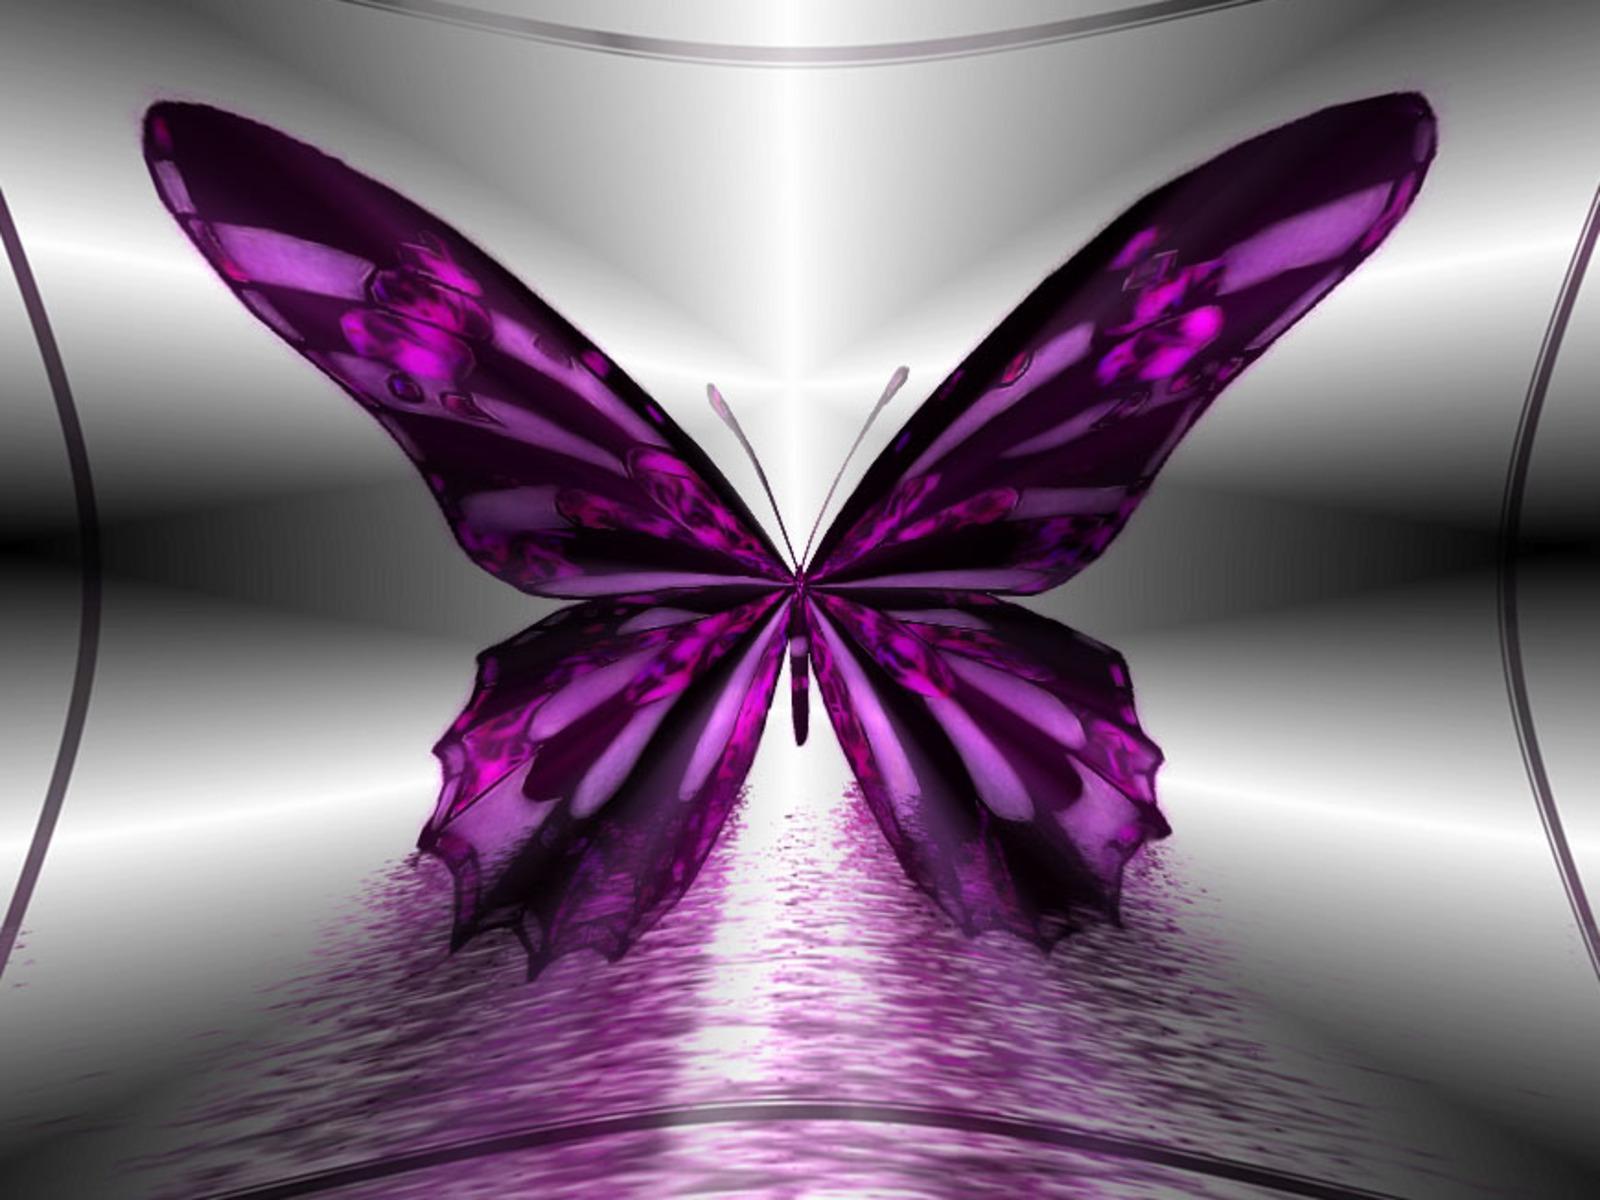 46+ Purple Butterfly Desktop Wallpaper on WallpaperSafari